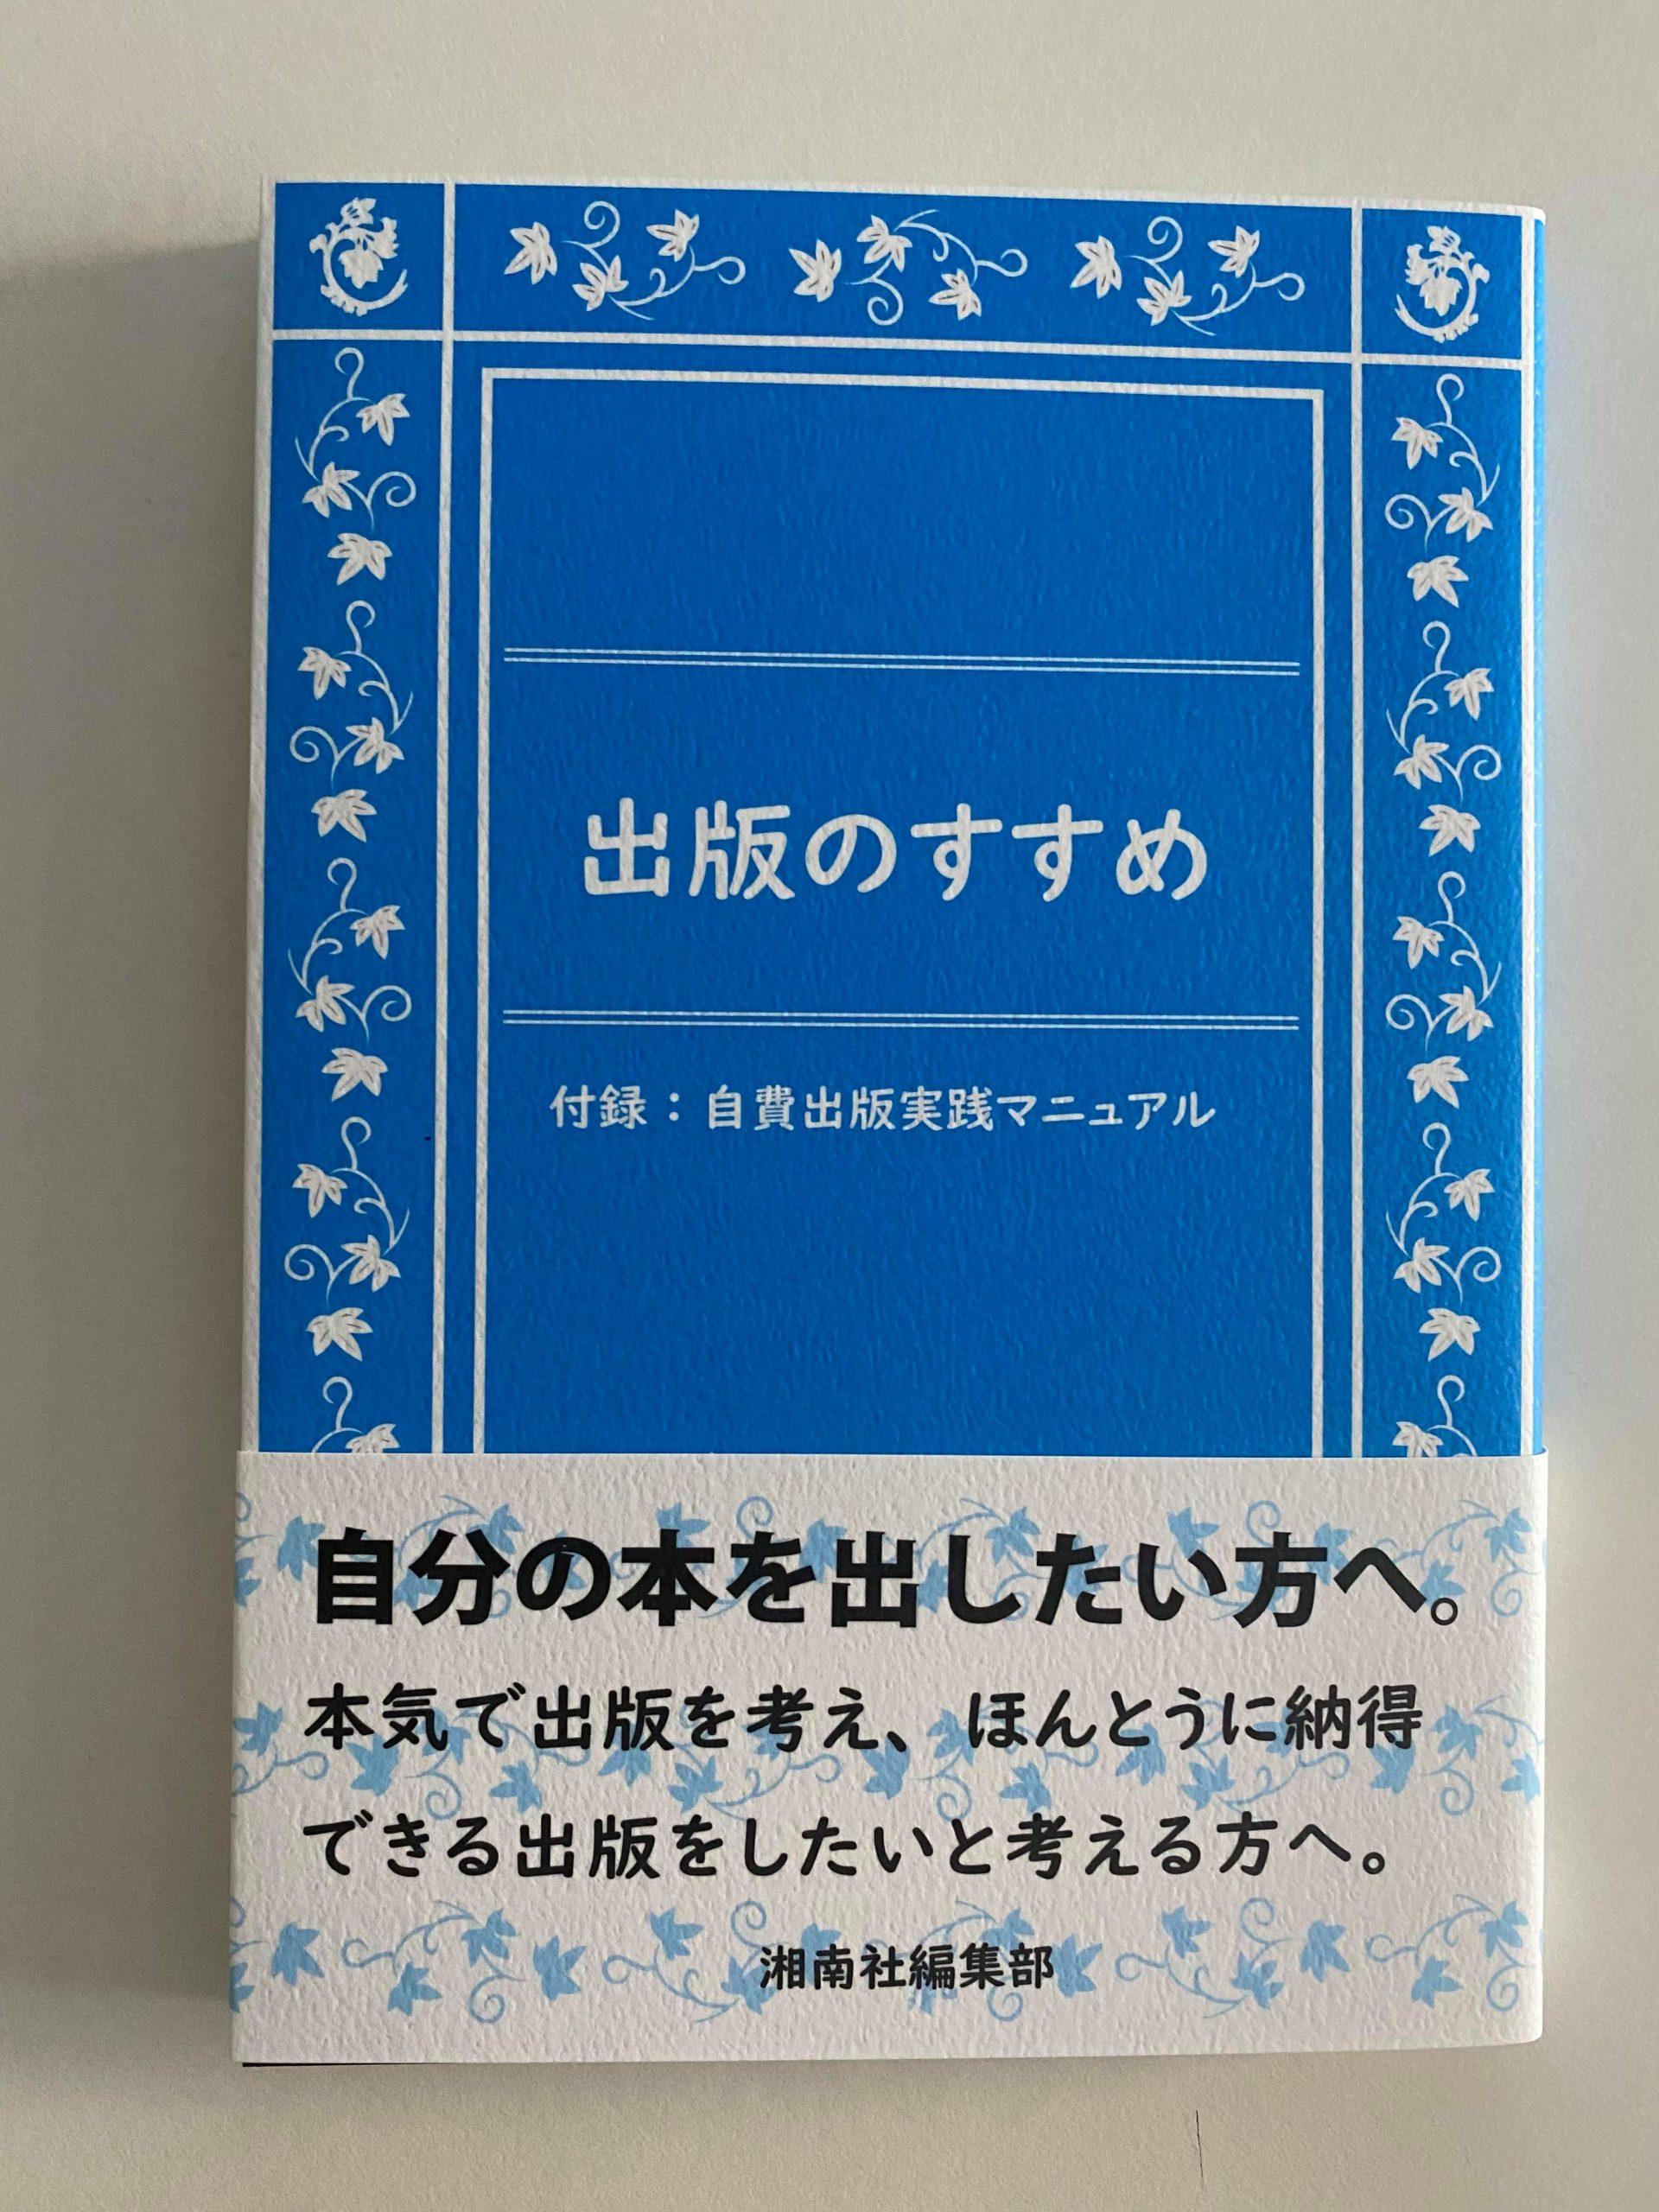 『出版のすすめ』(湘南社編集部 刊)